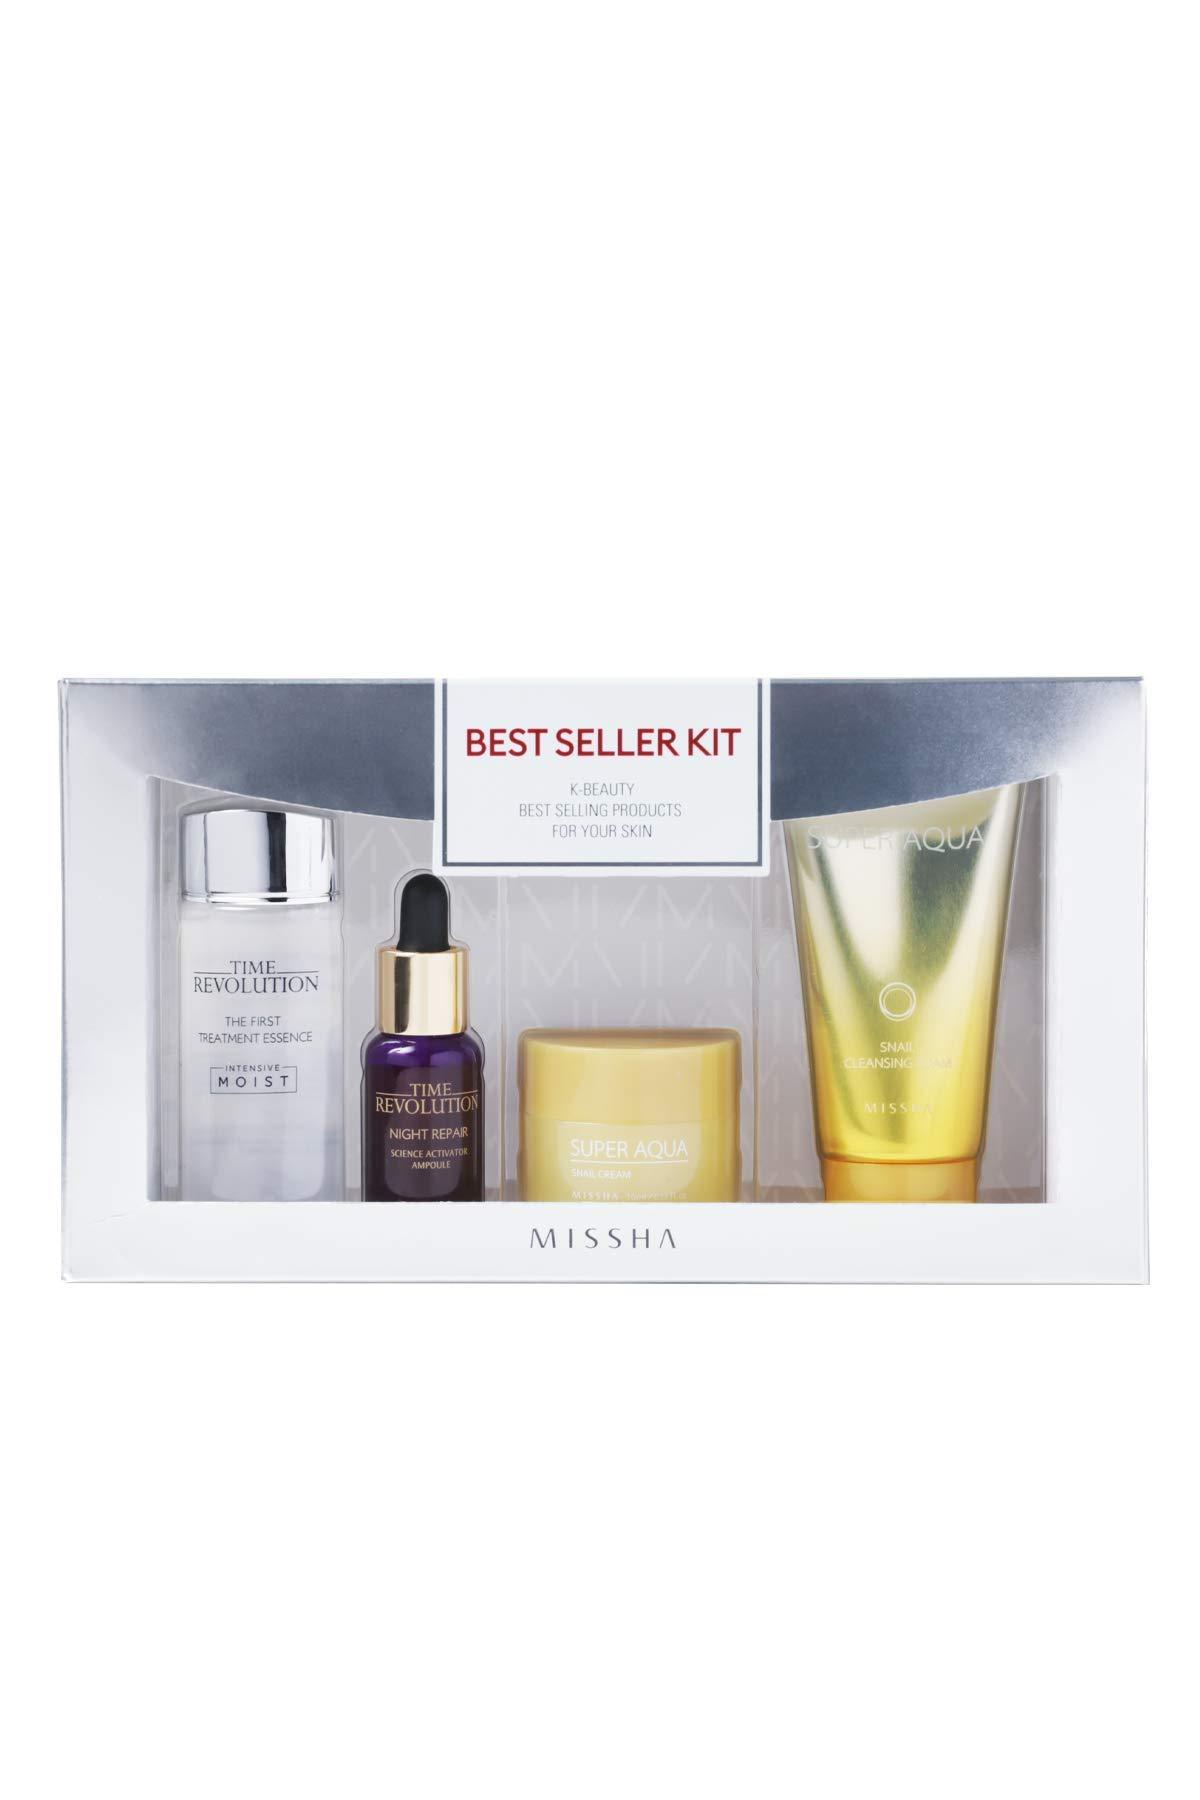 Missha Best Seller Kit